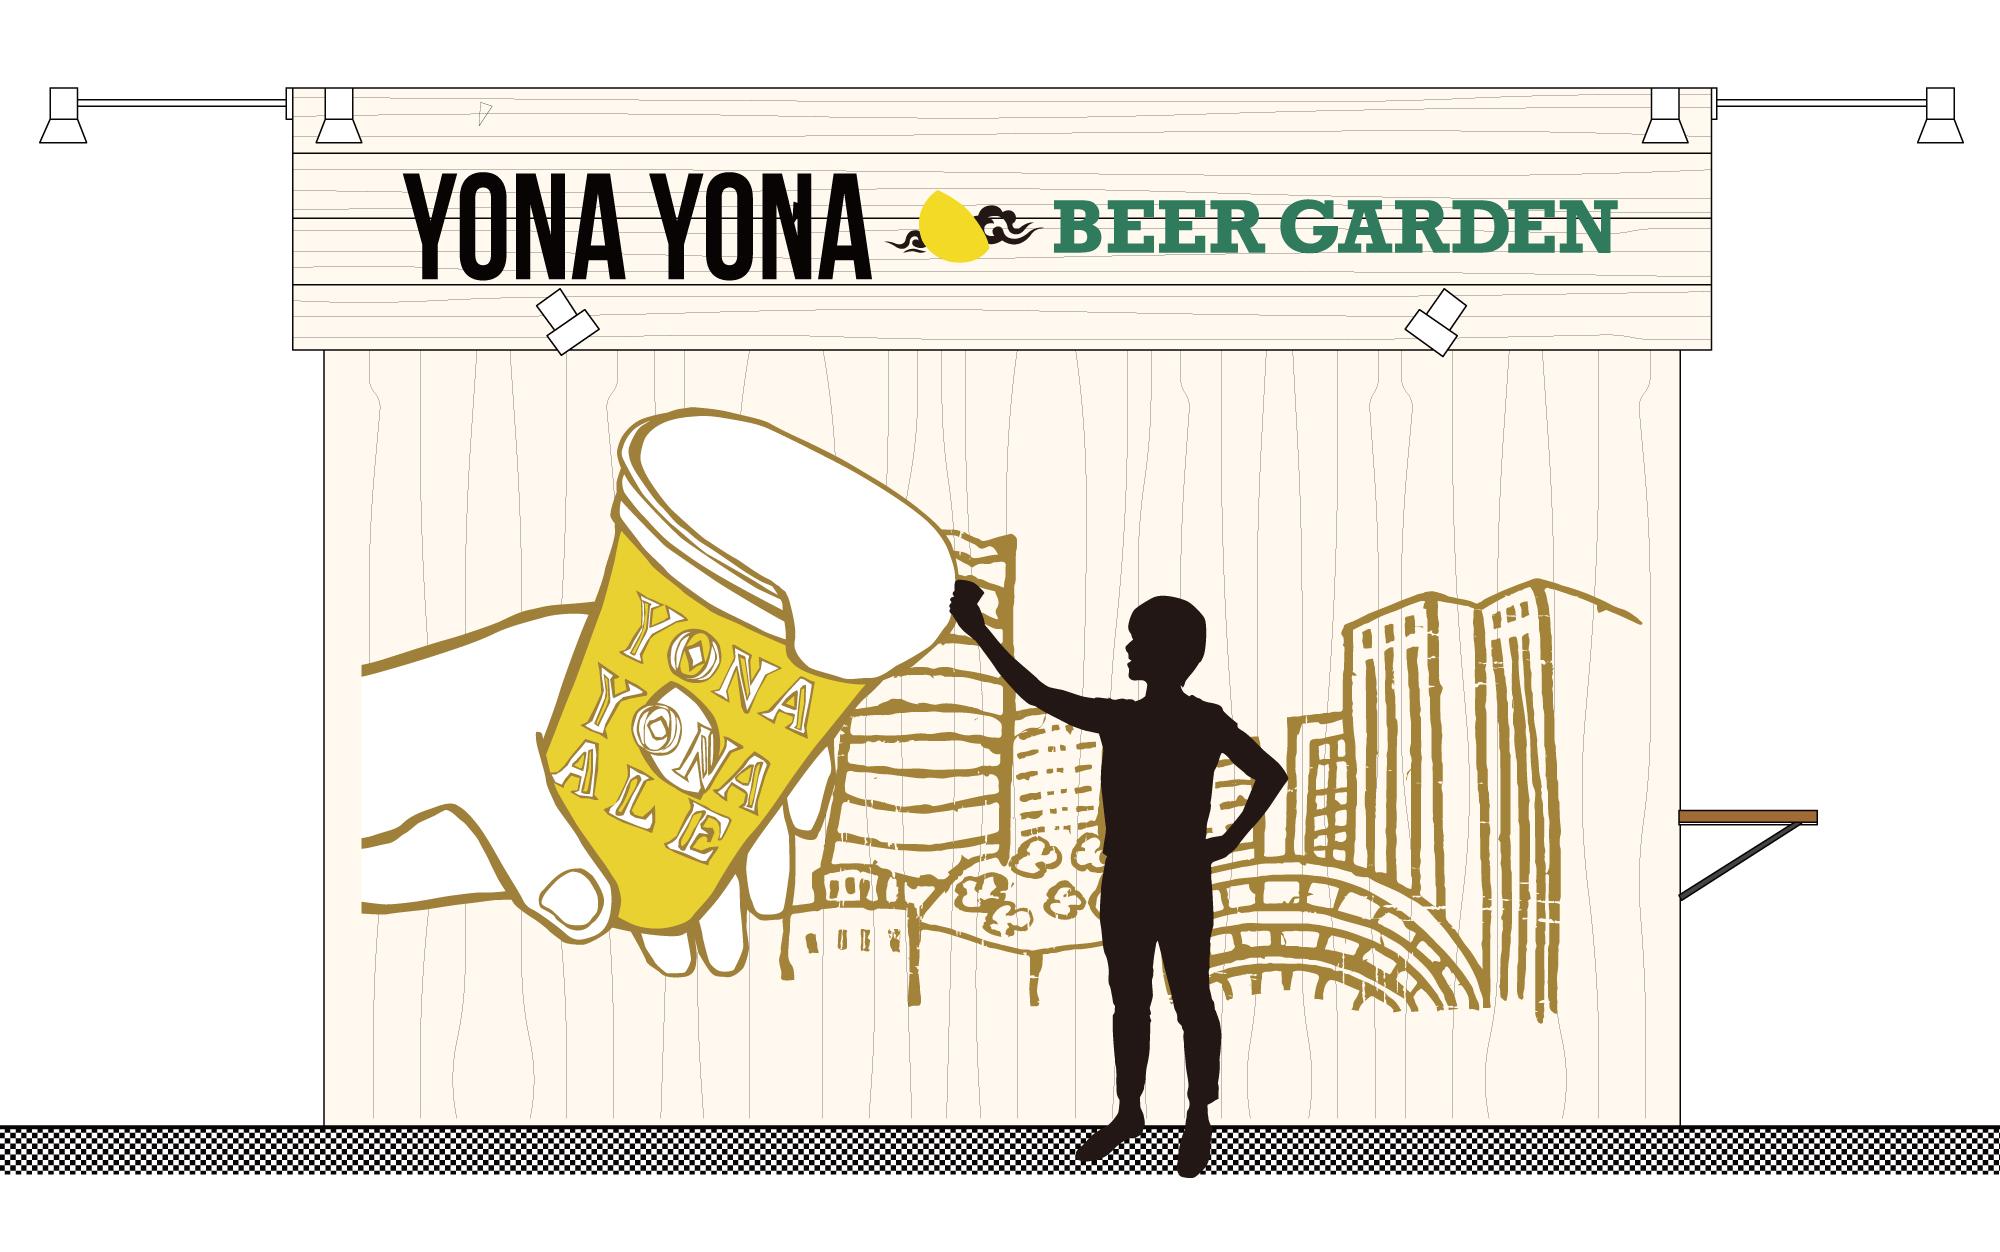 YONA YONA BEEA GARDEN in ARK Hills